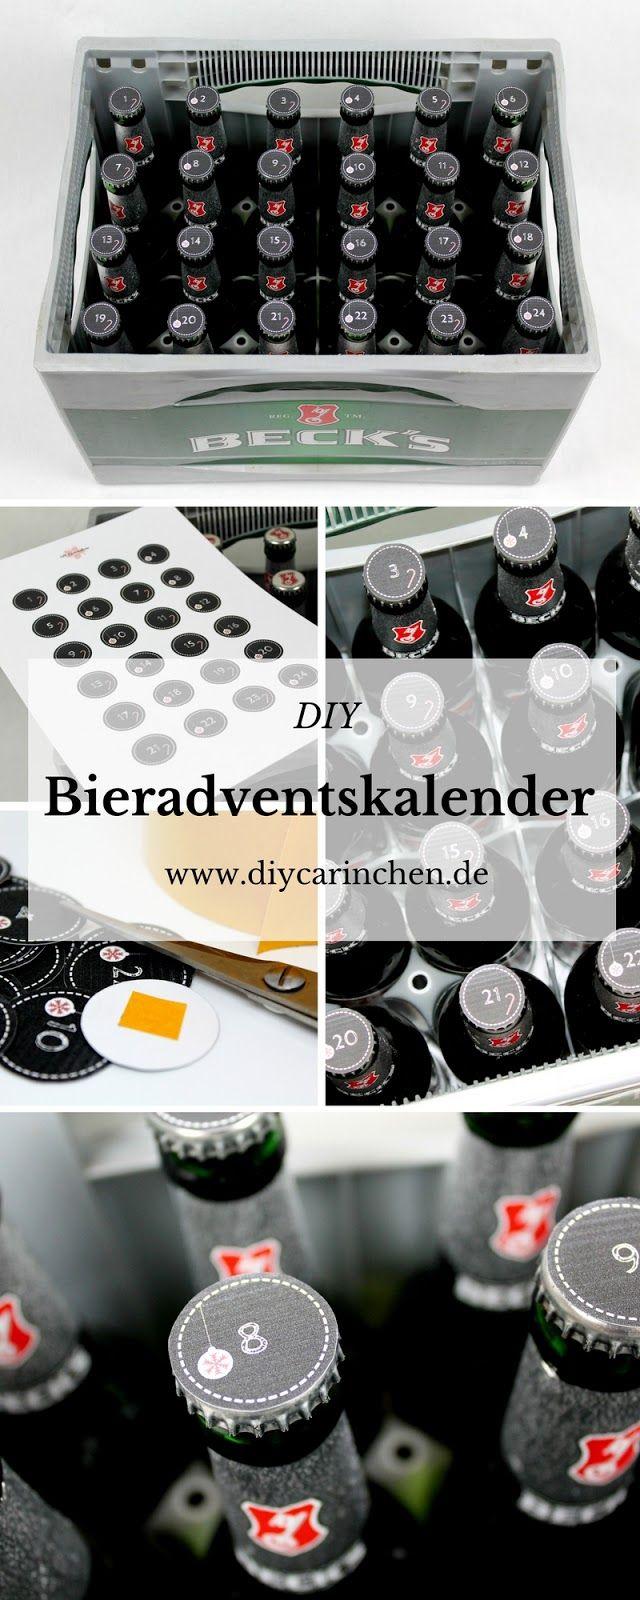 Diy Bieradventskalender Selbermachen Geschenke Fur Manner Bier